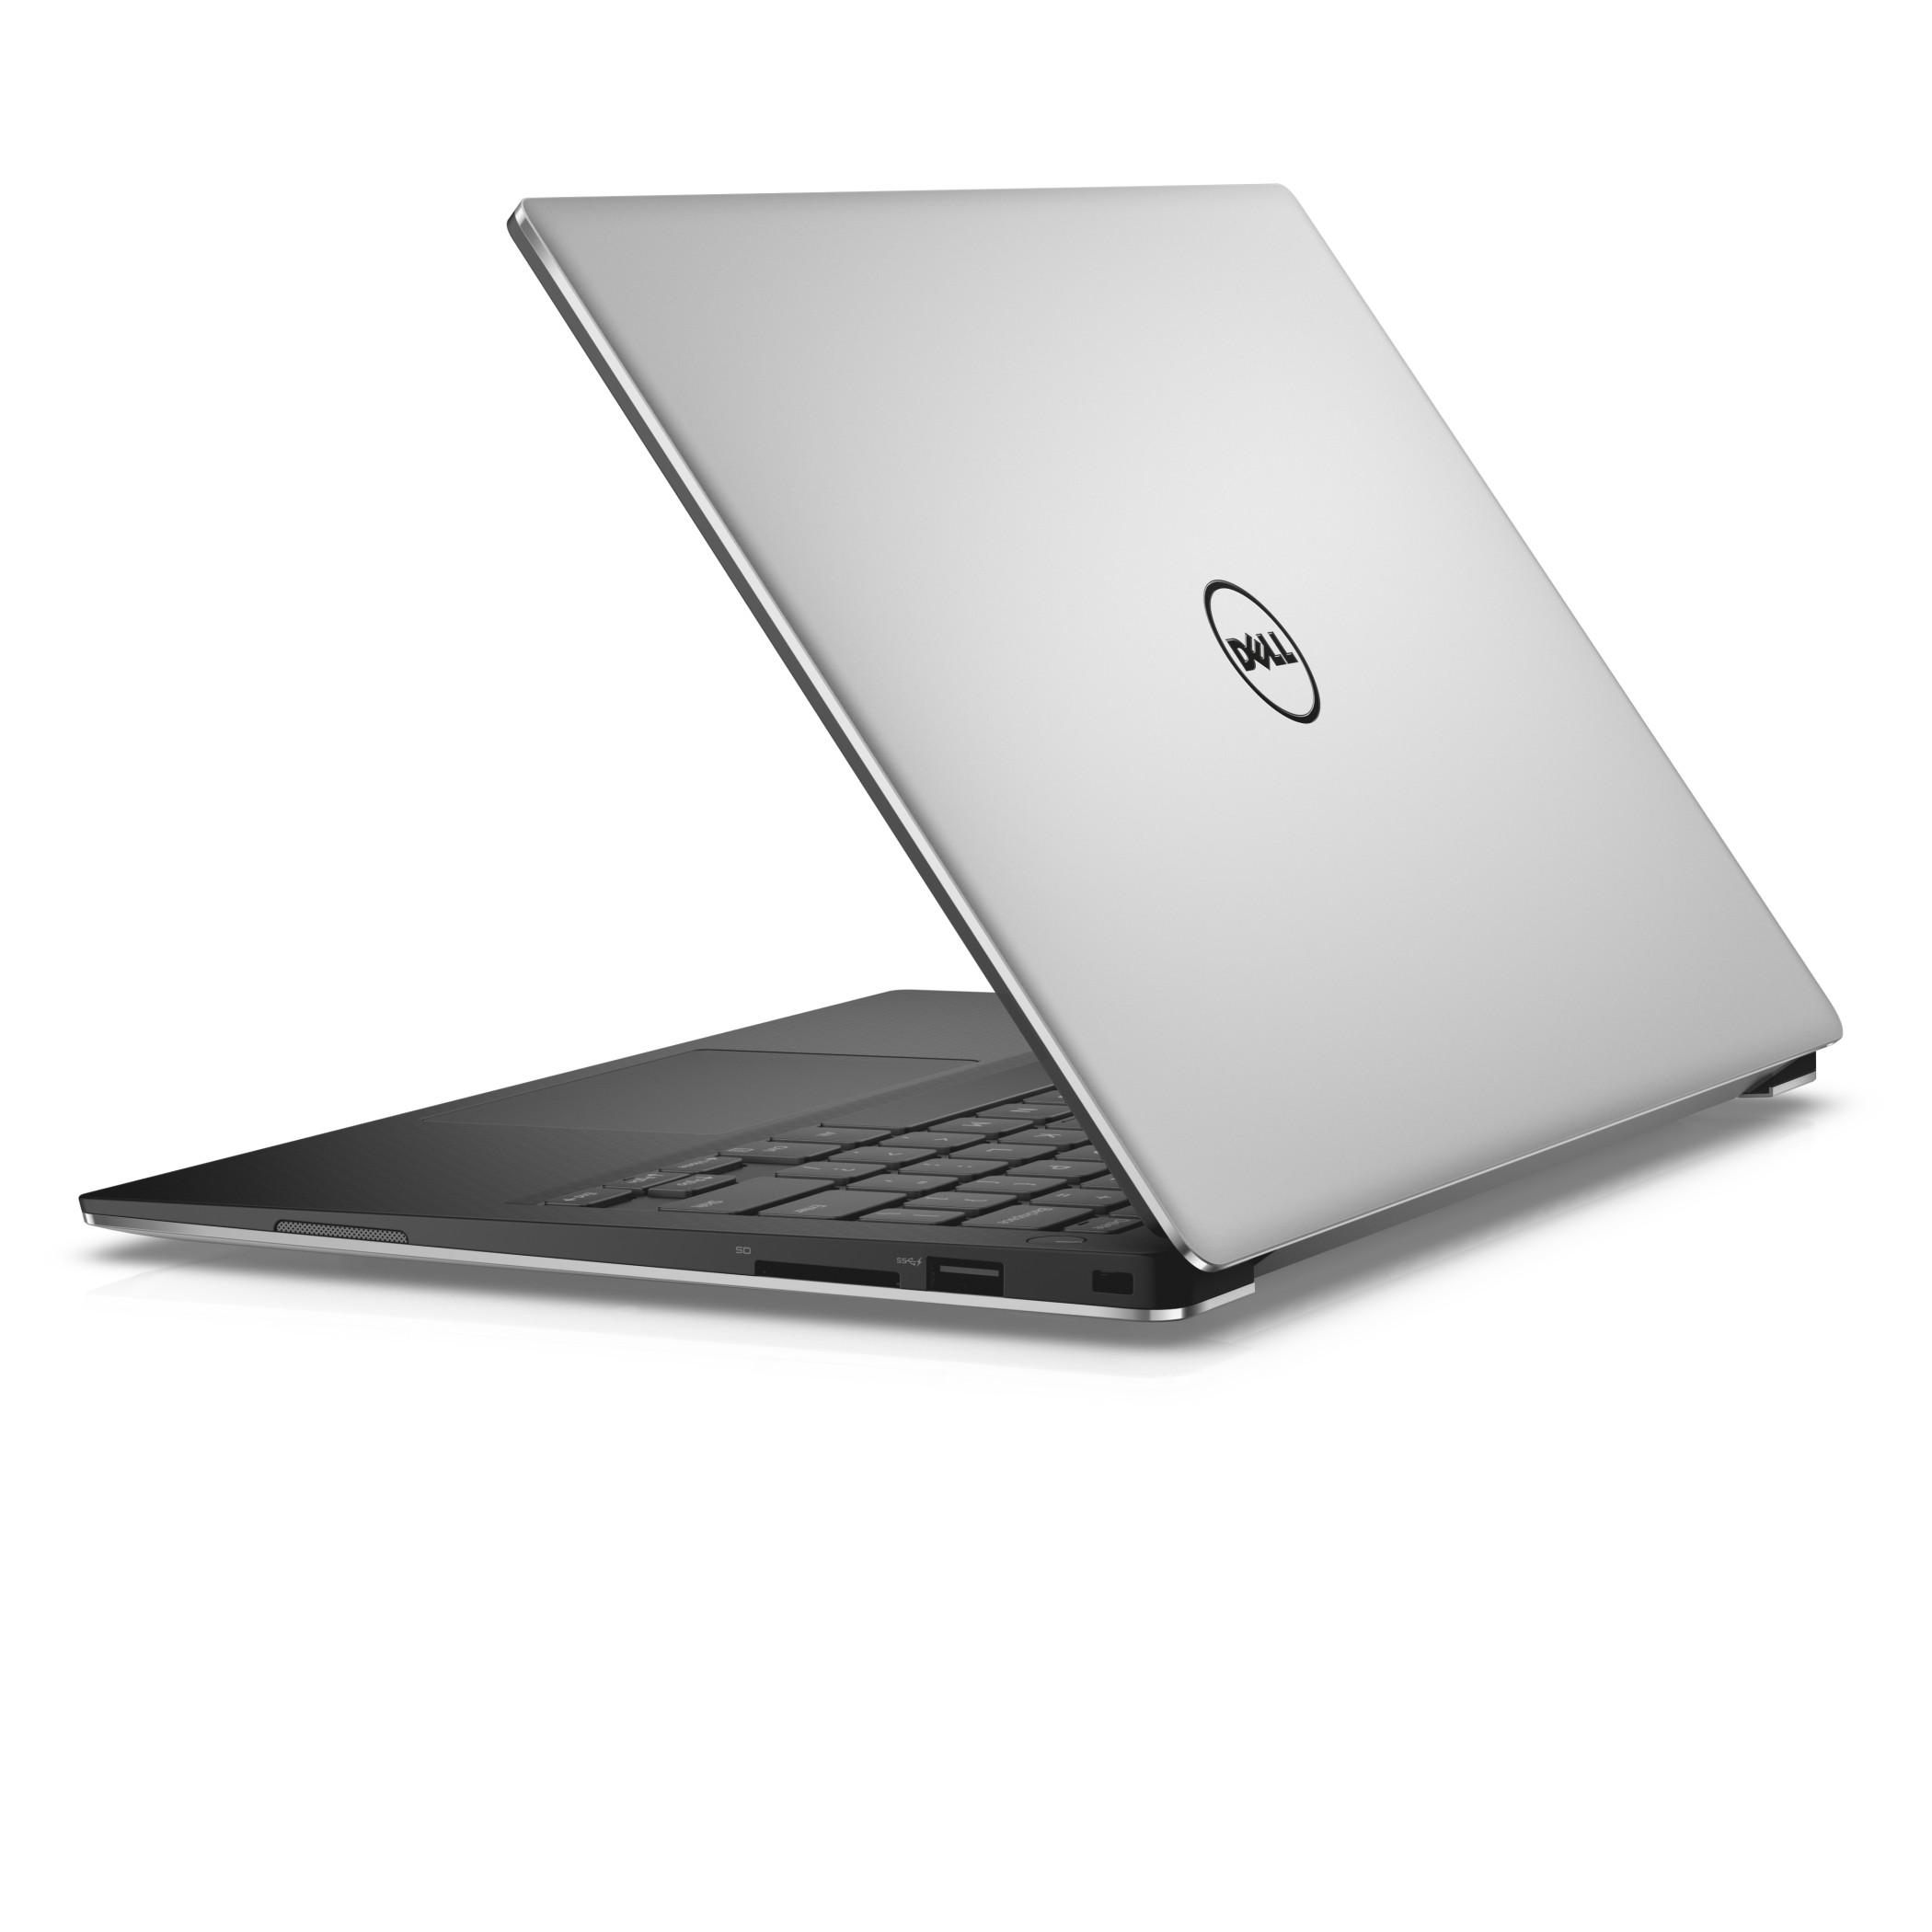 """Dell XPS 13 9350 13"""" FHD/i5-6200U/8GB/256SSD/Intel HD/WIFI/BT/W10 Home(64-bit)/2RNB/Stříbrný"""